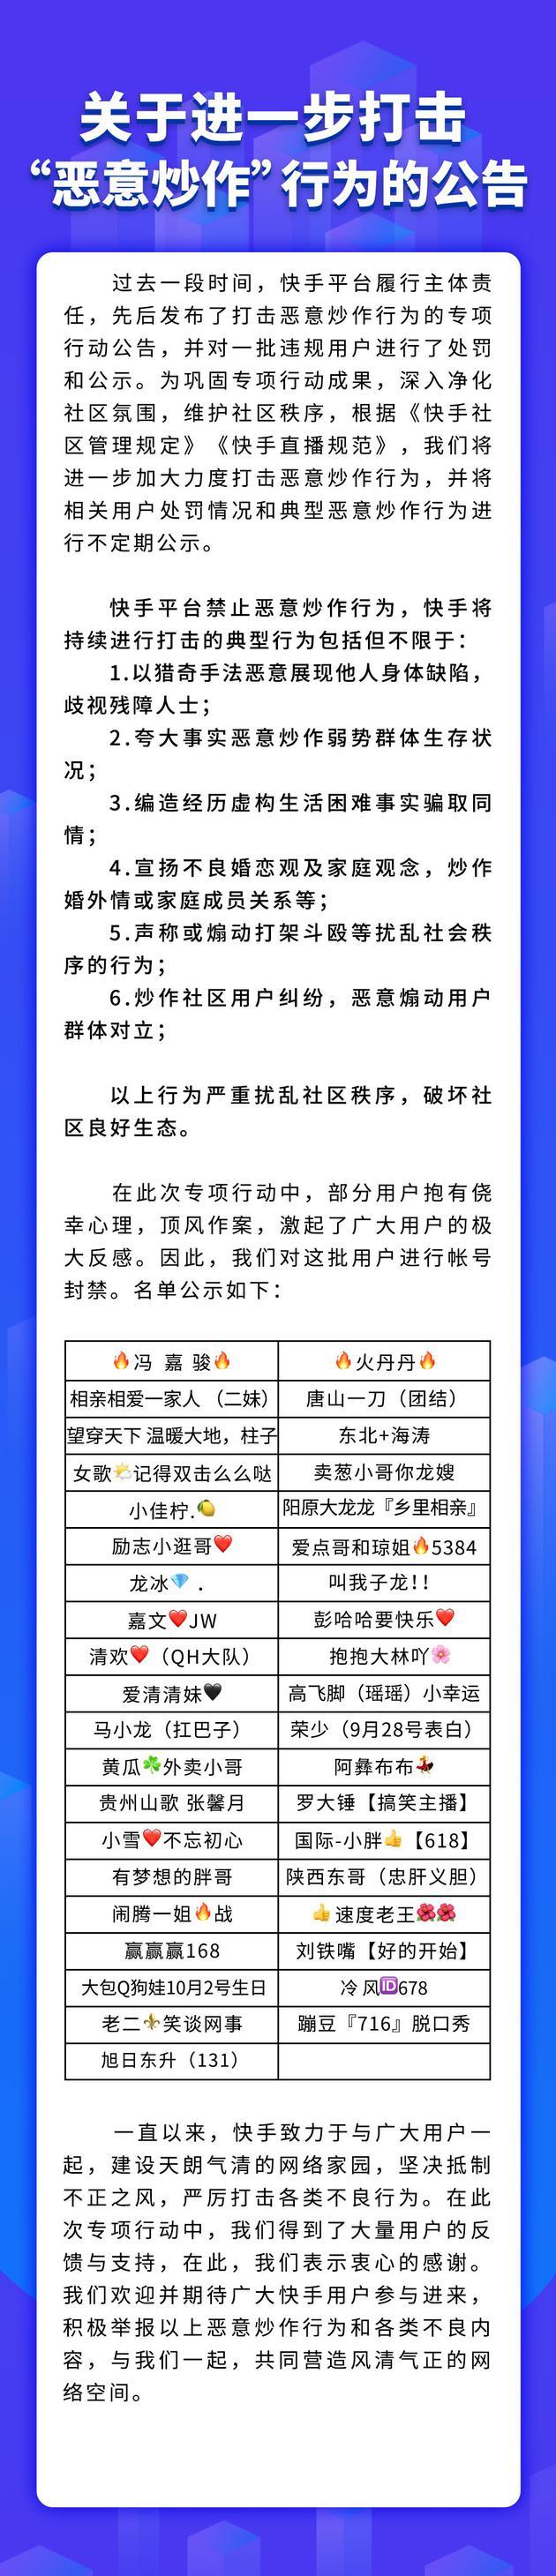 韩媒:日本限贸后首批获准出口的半导体材料到货